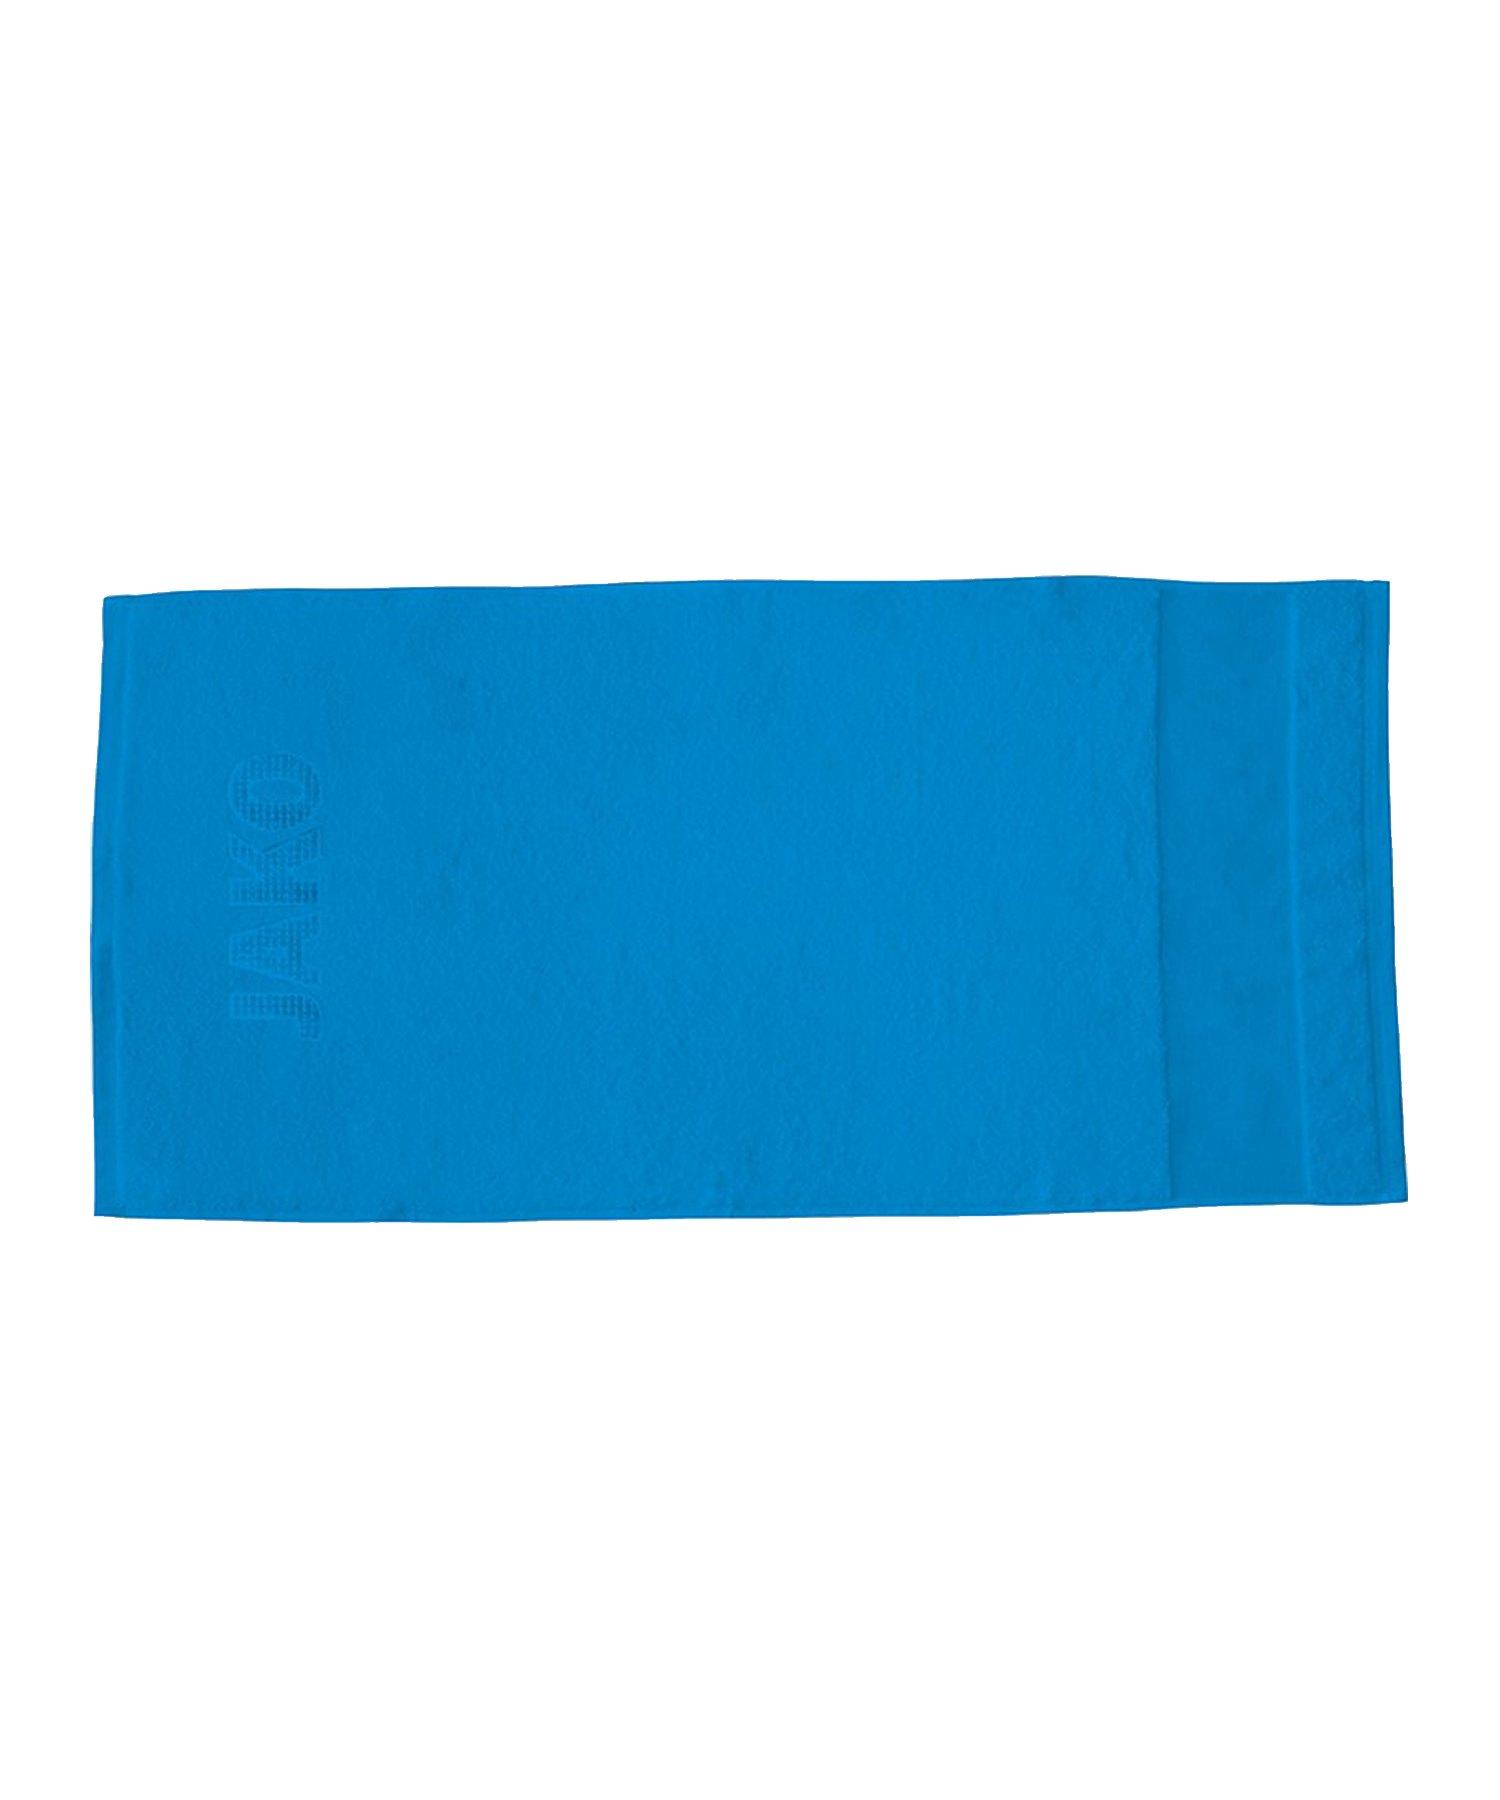 Jako Handtuch 50x100cm Blau F89 - blau